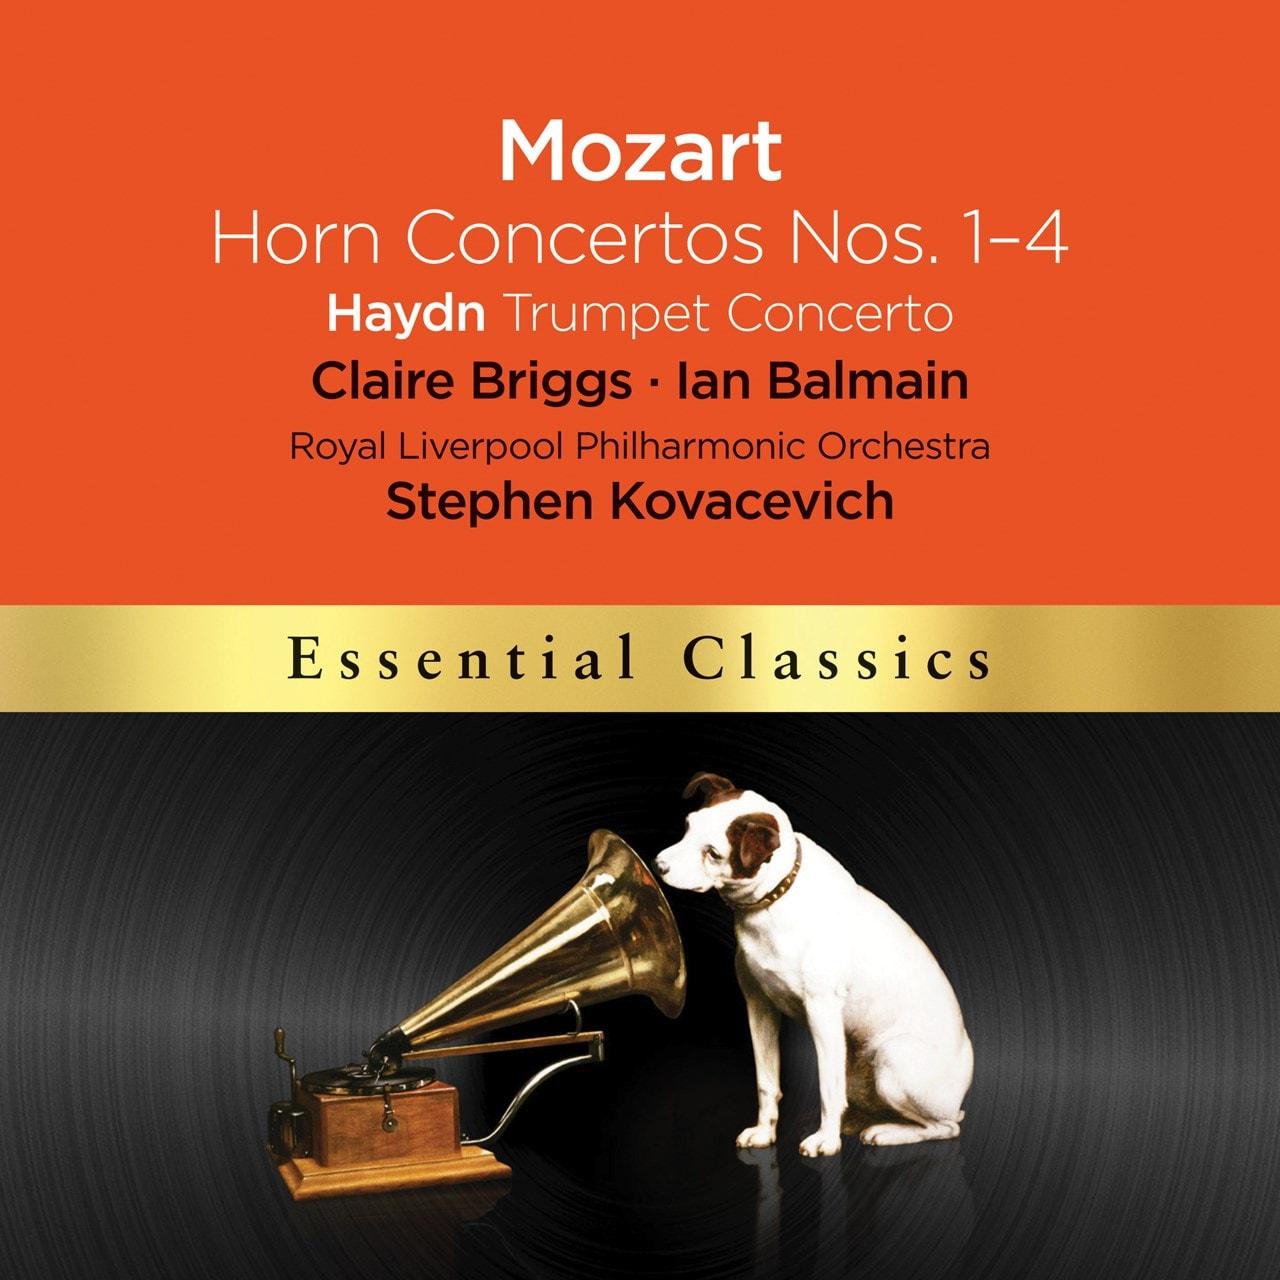 Mozart: Horn Concertos Nos. 1-4/Haydn: Trumpet Concerto - 1